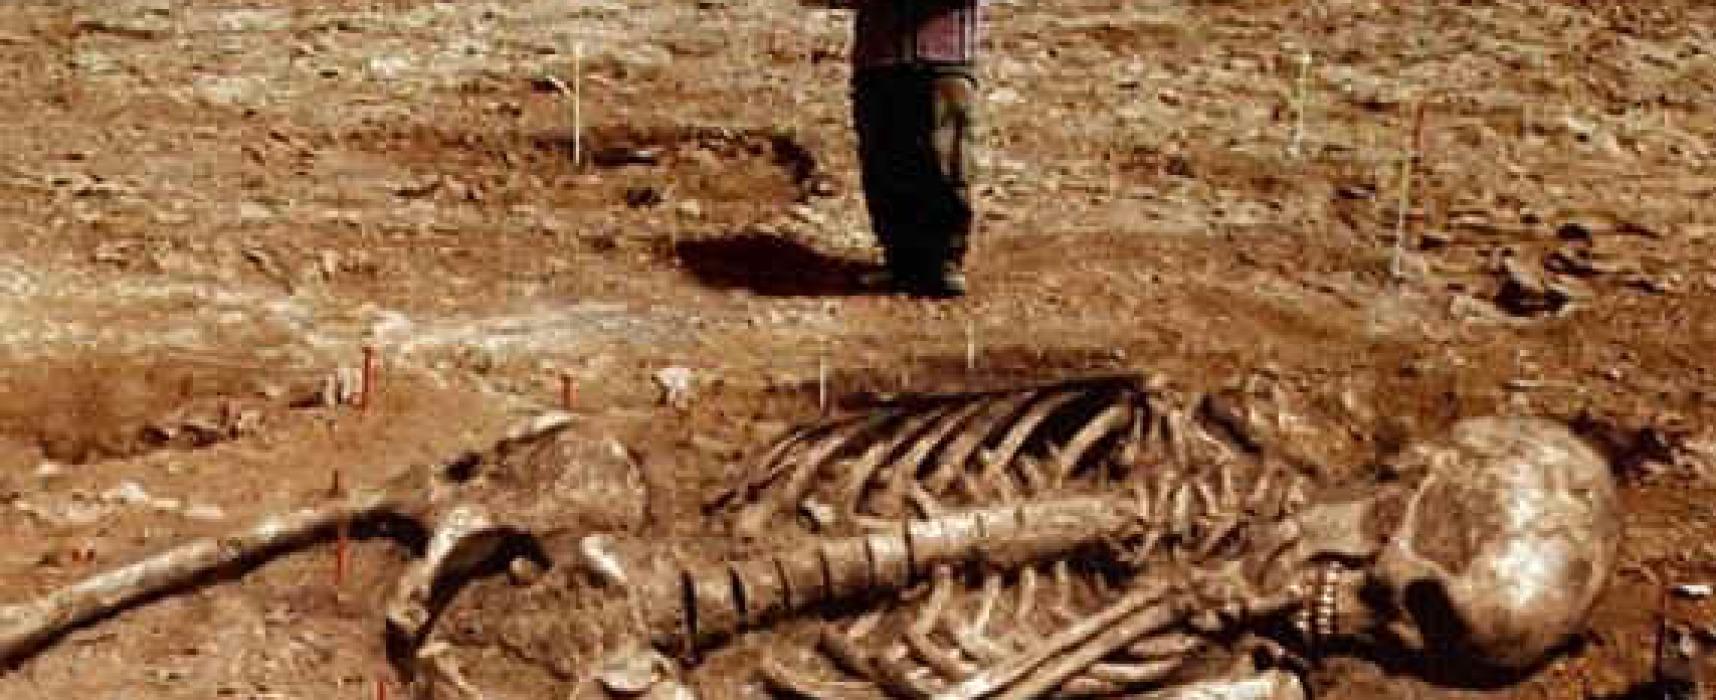 Encuentran restos de gigantes que serían los que menciona la Biblia